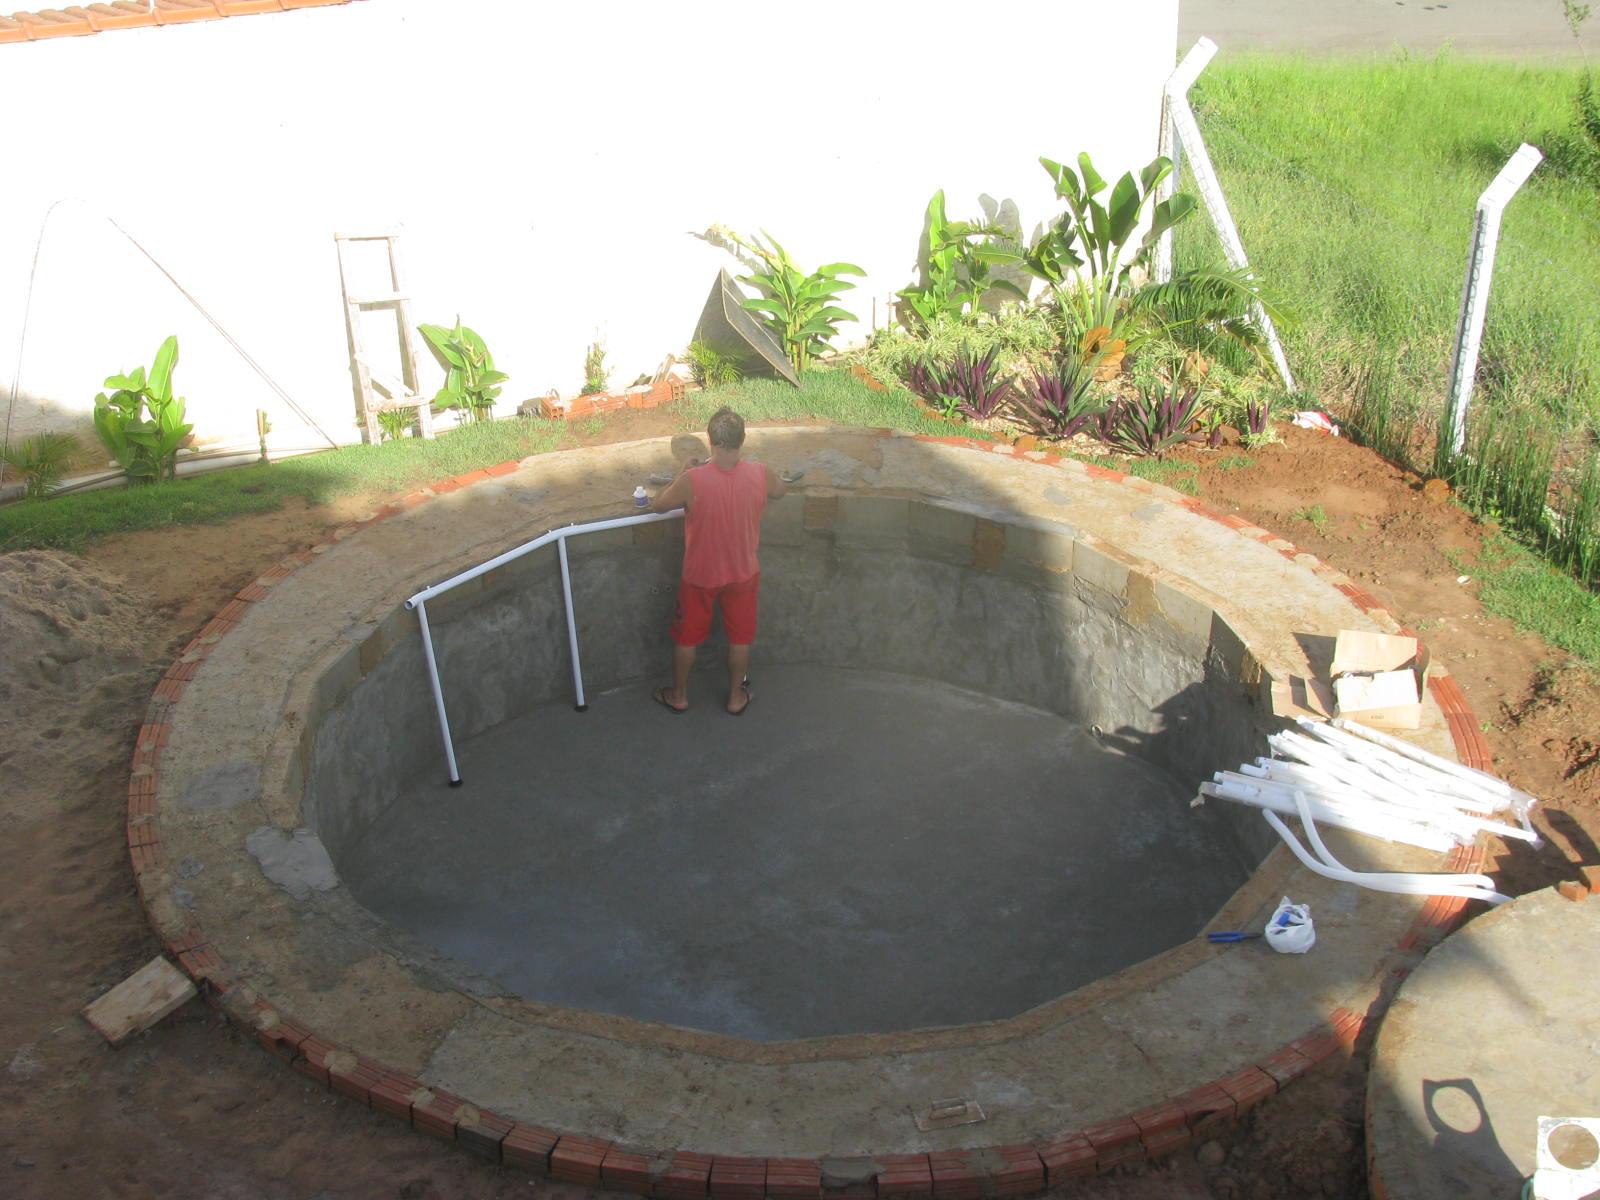 Simplesmente uma paix o a realiza o de um sonho for Lona piscina redonda